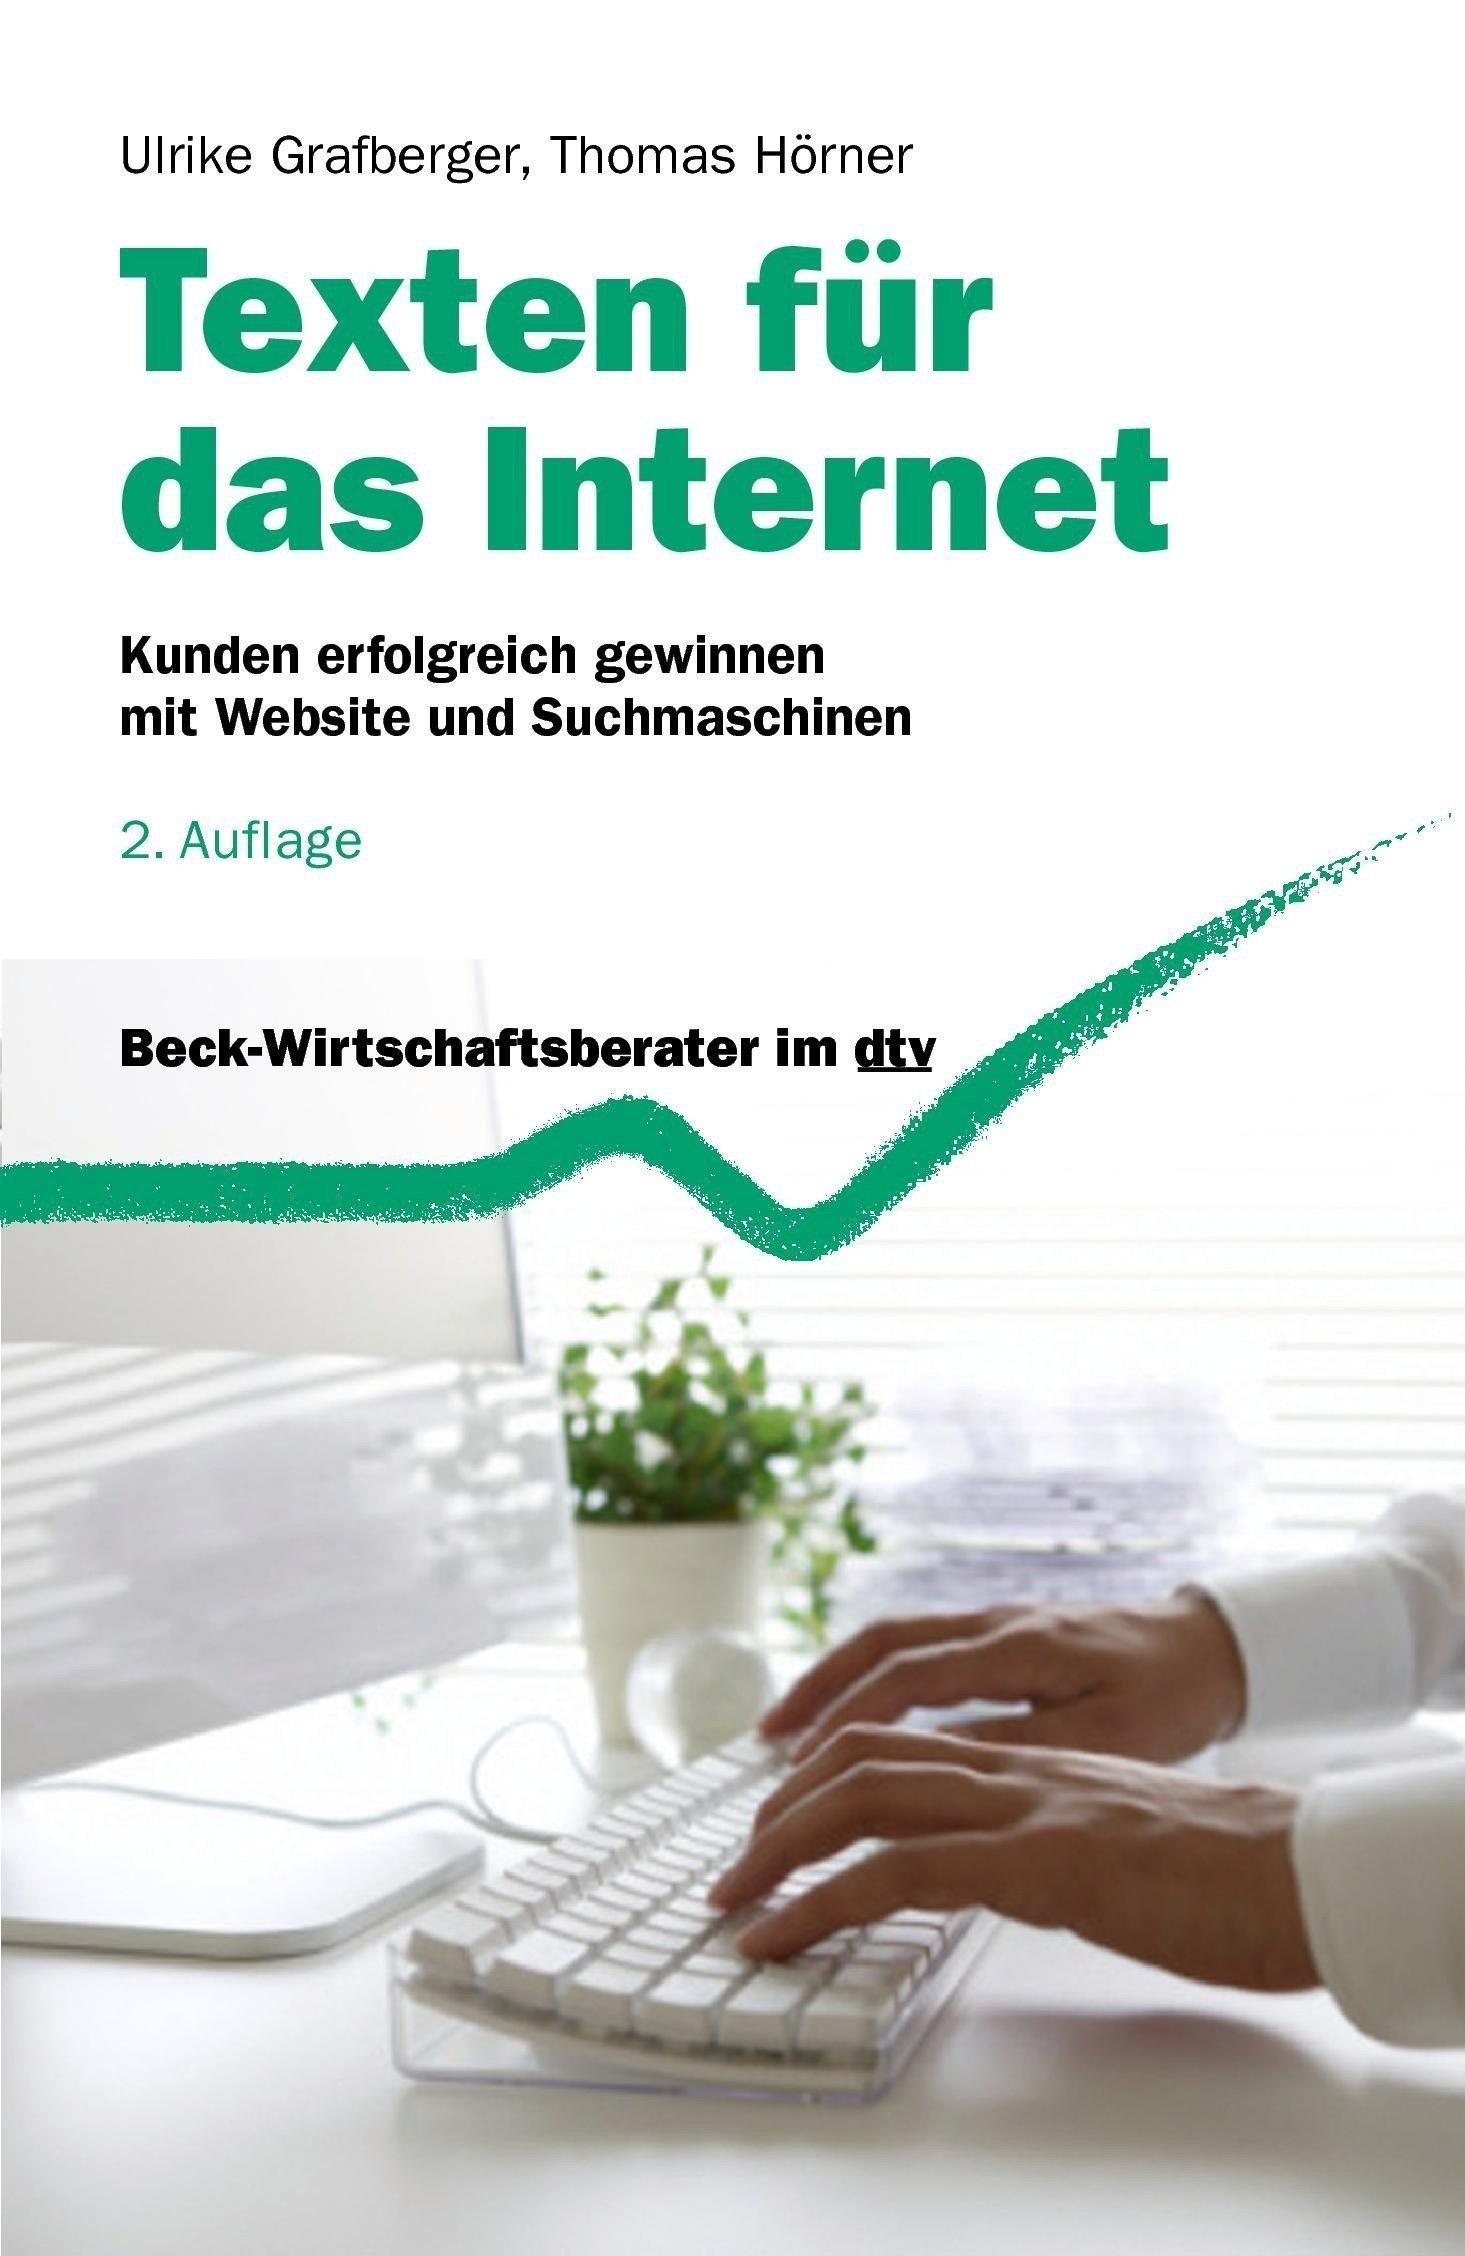 Texten für das Internet: Ein Ratgeber für den erfolgreichen Web-Auftritt